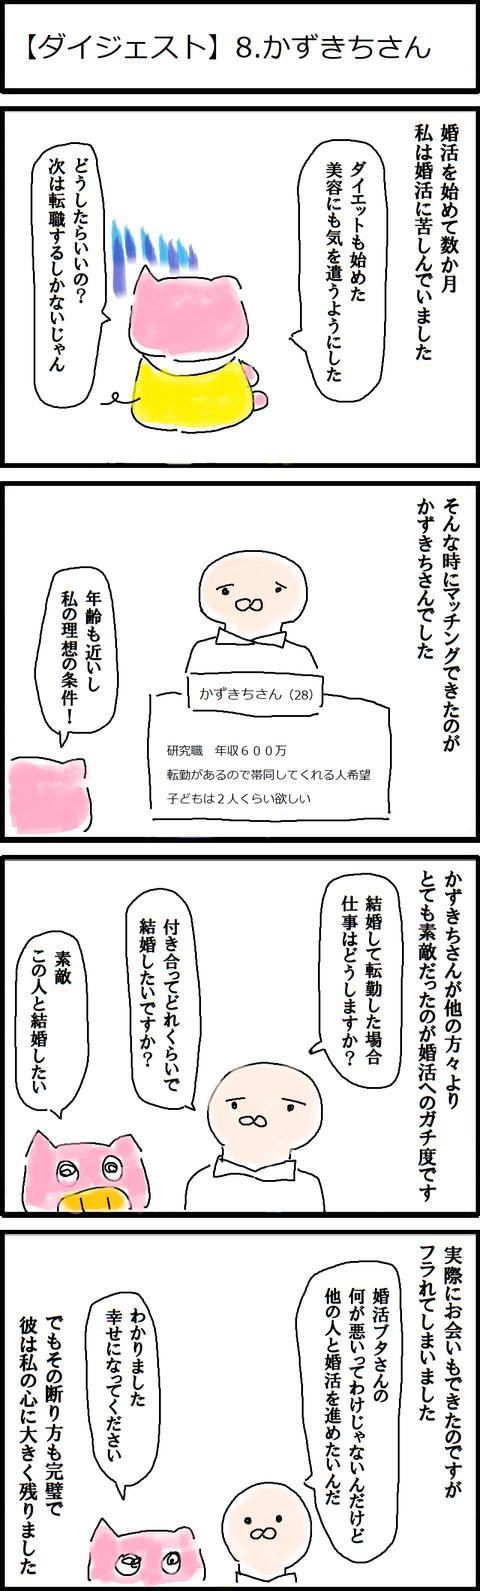 【ダイジェスト】8.かずきちさん